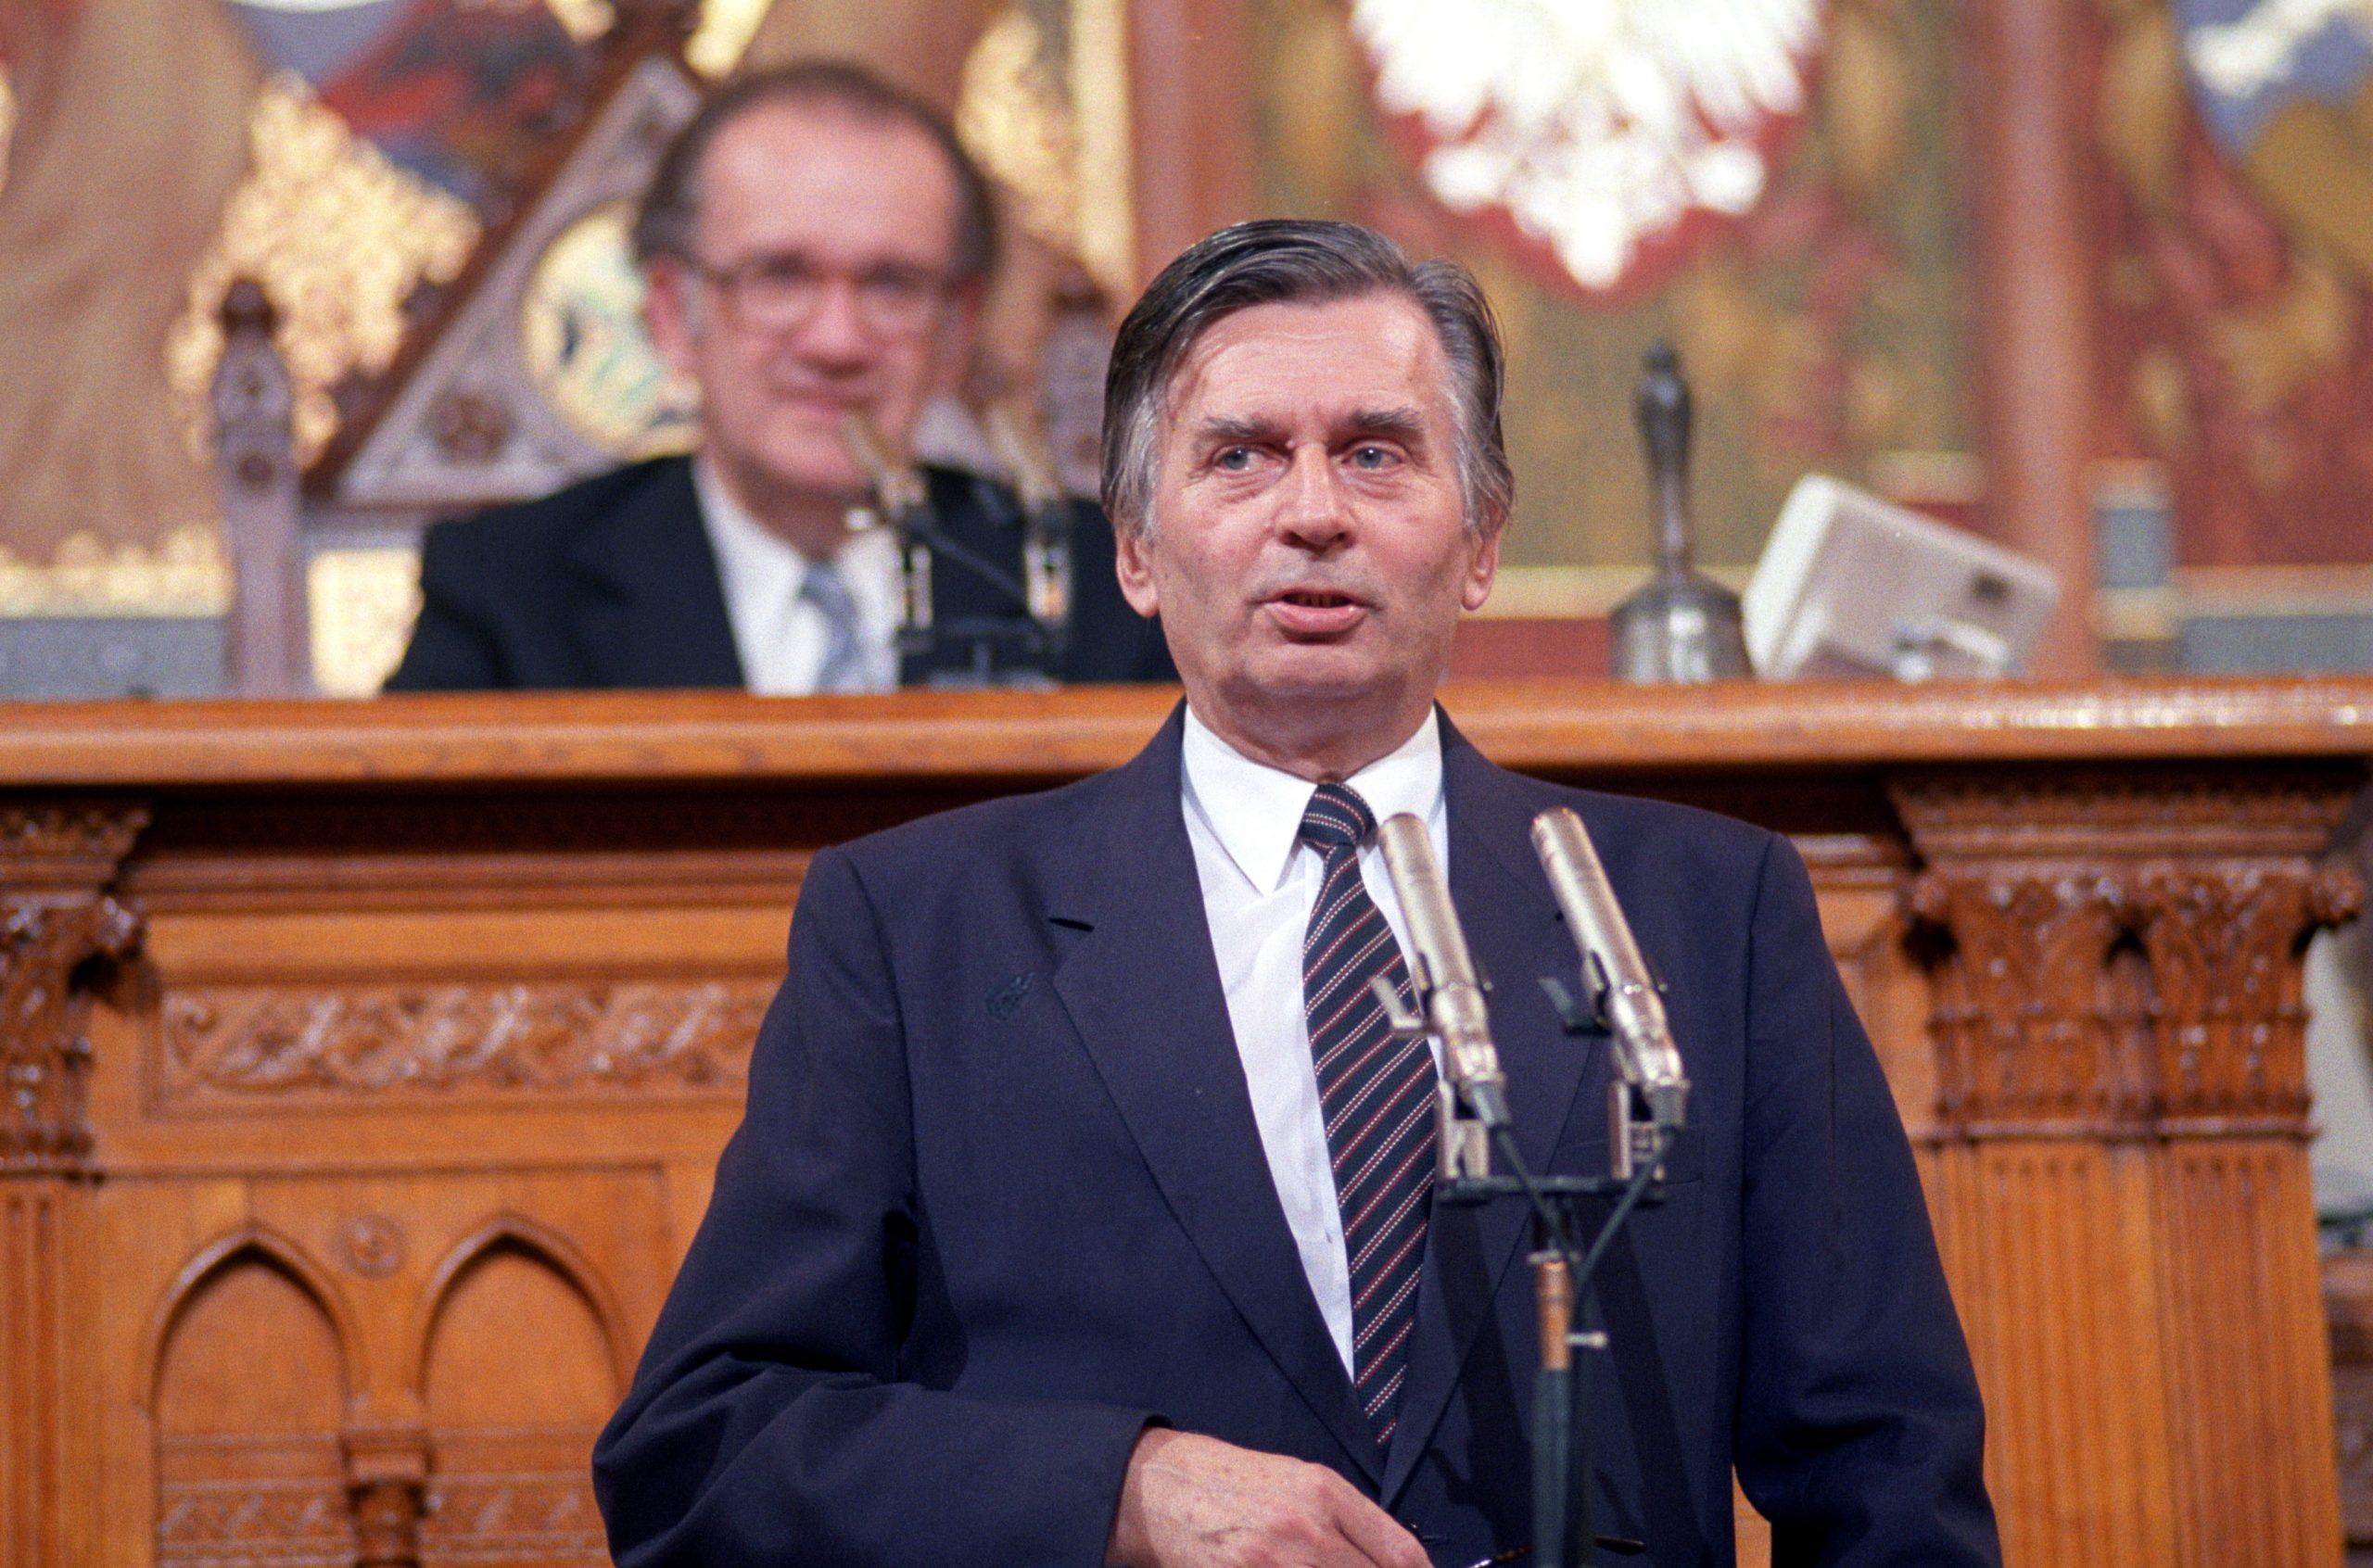 Antall József miniszterelnök leteszi az esküt Parlamentben. Háttérben Szabad György, az Országgyûlés elnöke / Fotó: MTI